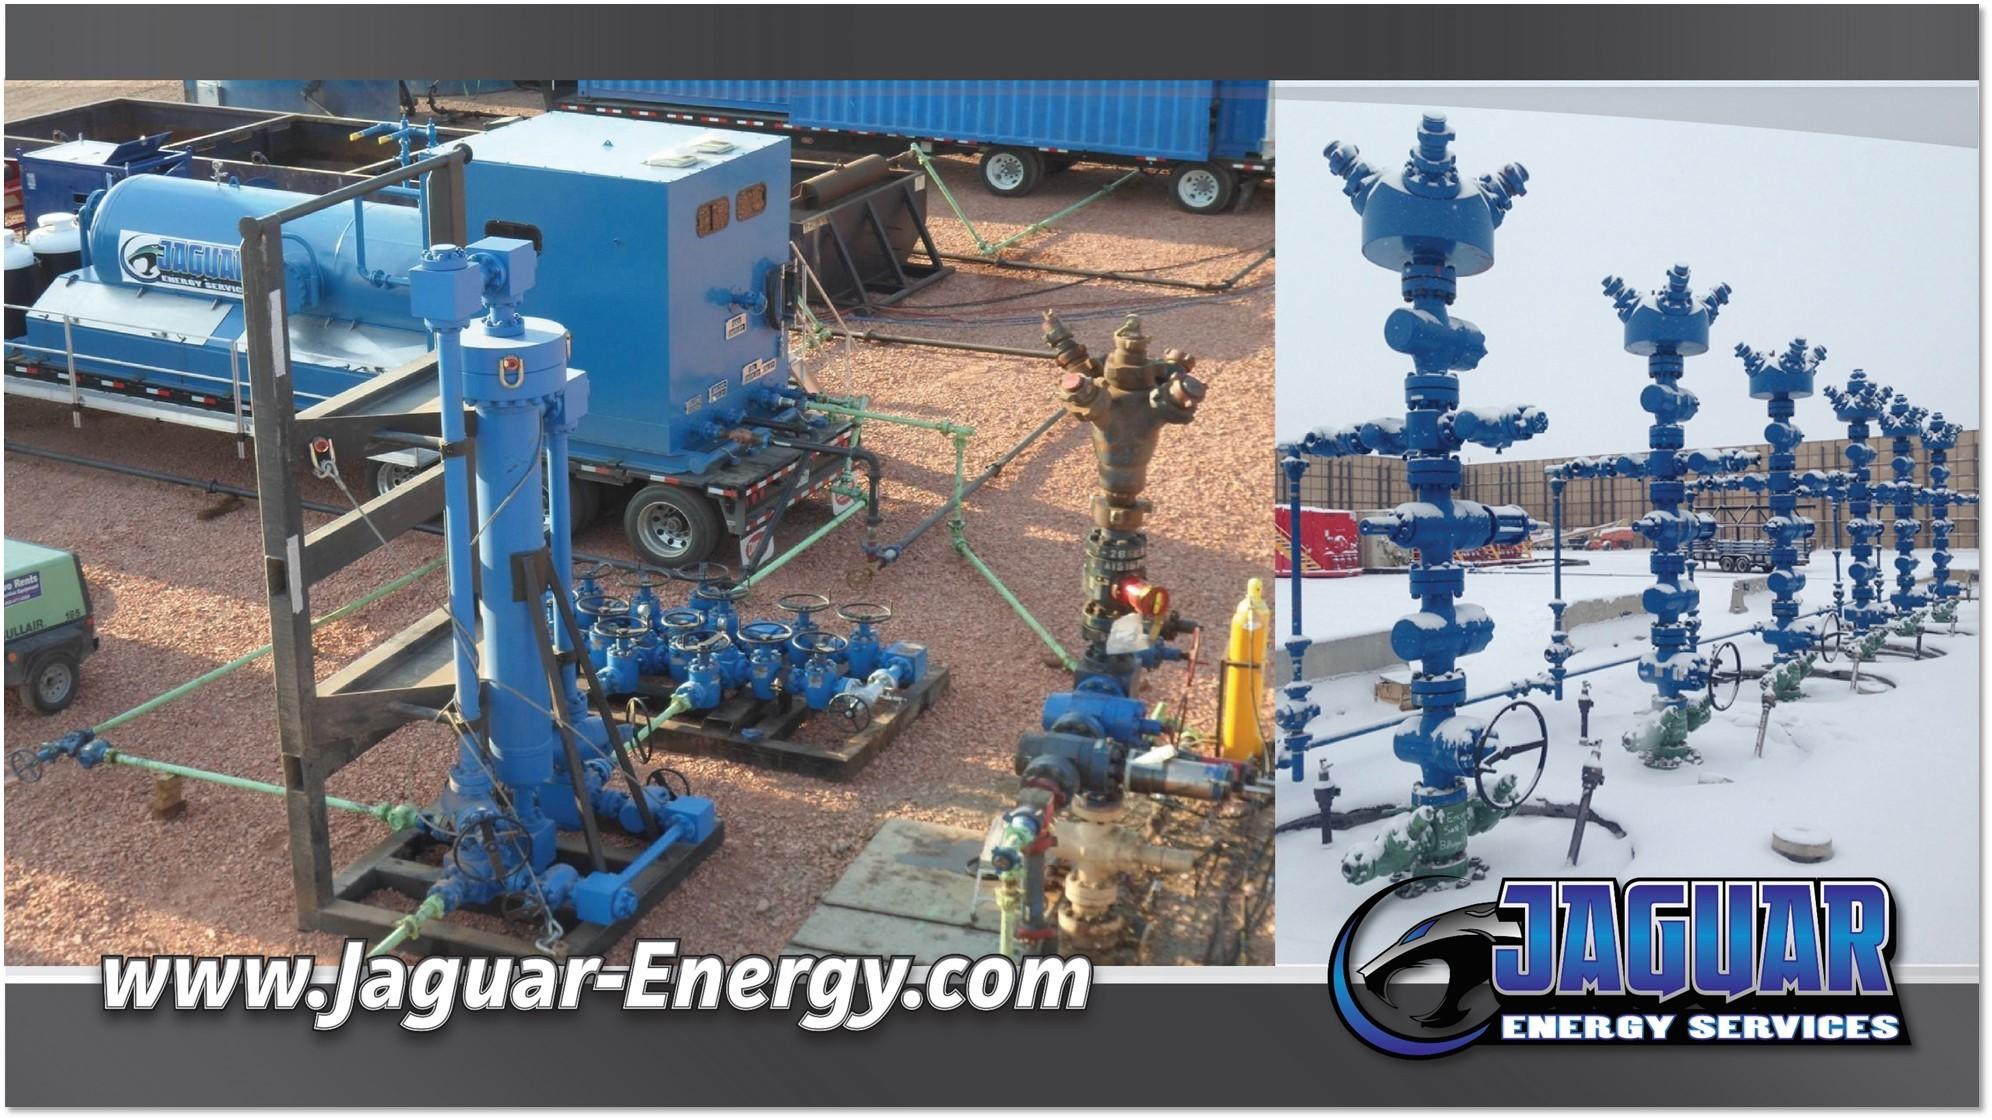 Jaguar Energy Services, LLC   LinkedIn